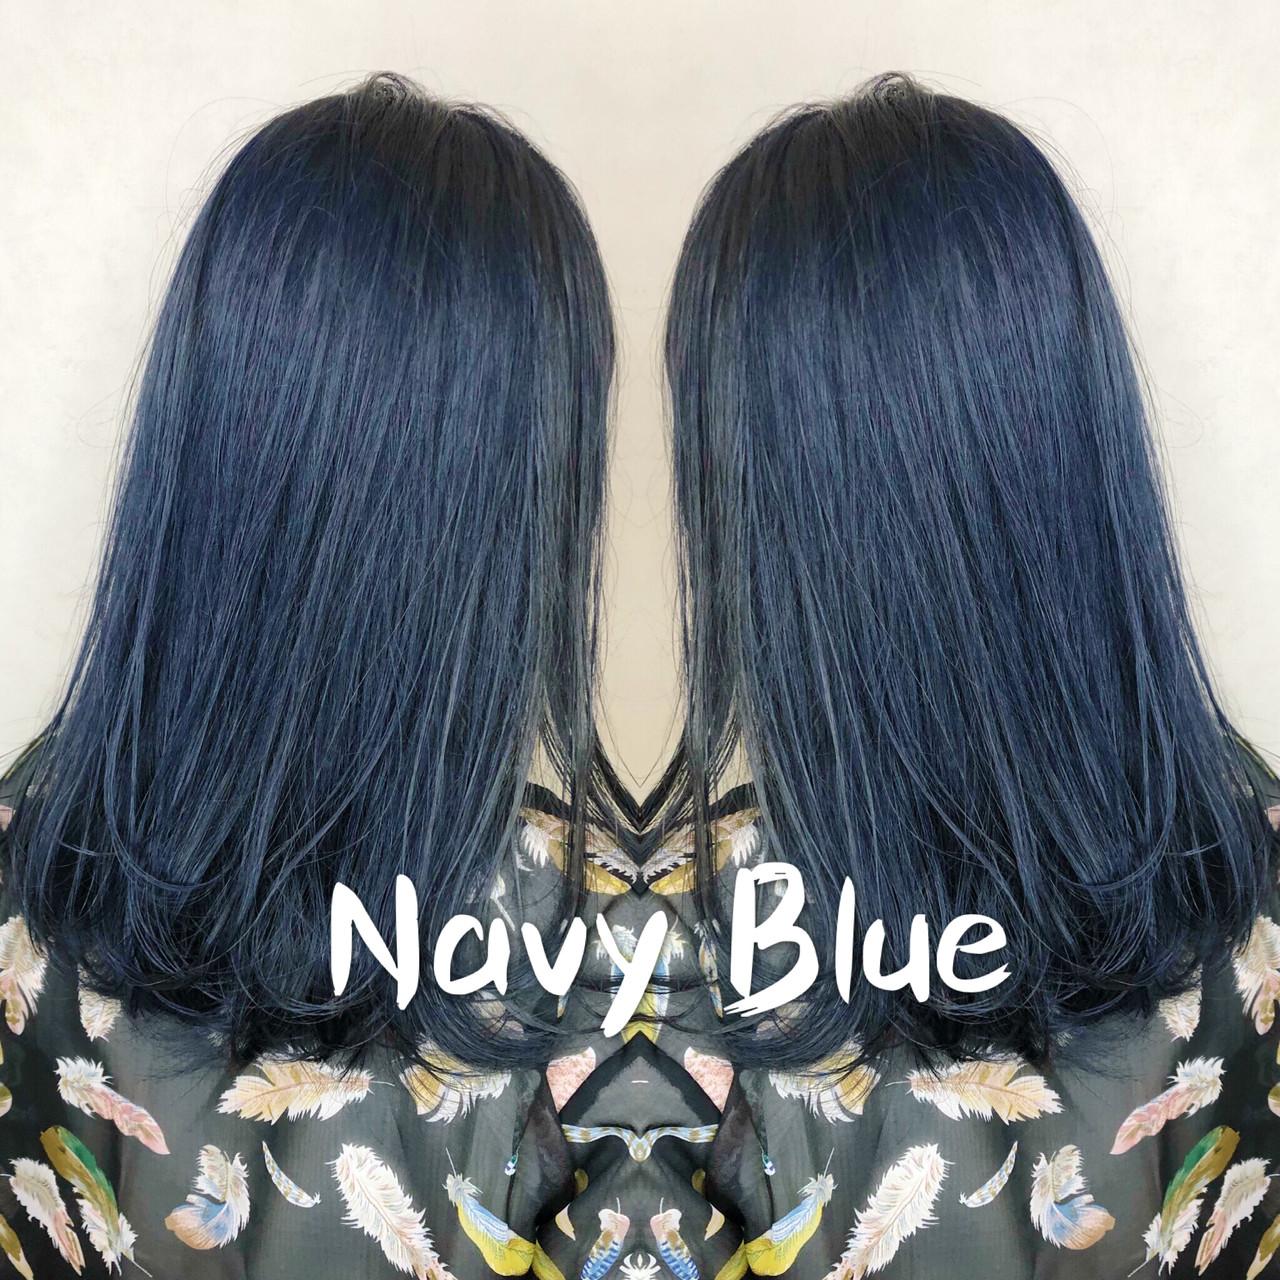 ブリーチカラー ネイビーカラー ネイビー ネイビーブルー ヘアスタイルや髪型の写真・画像